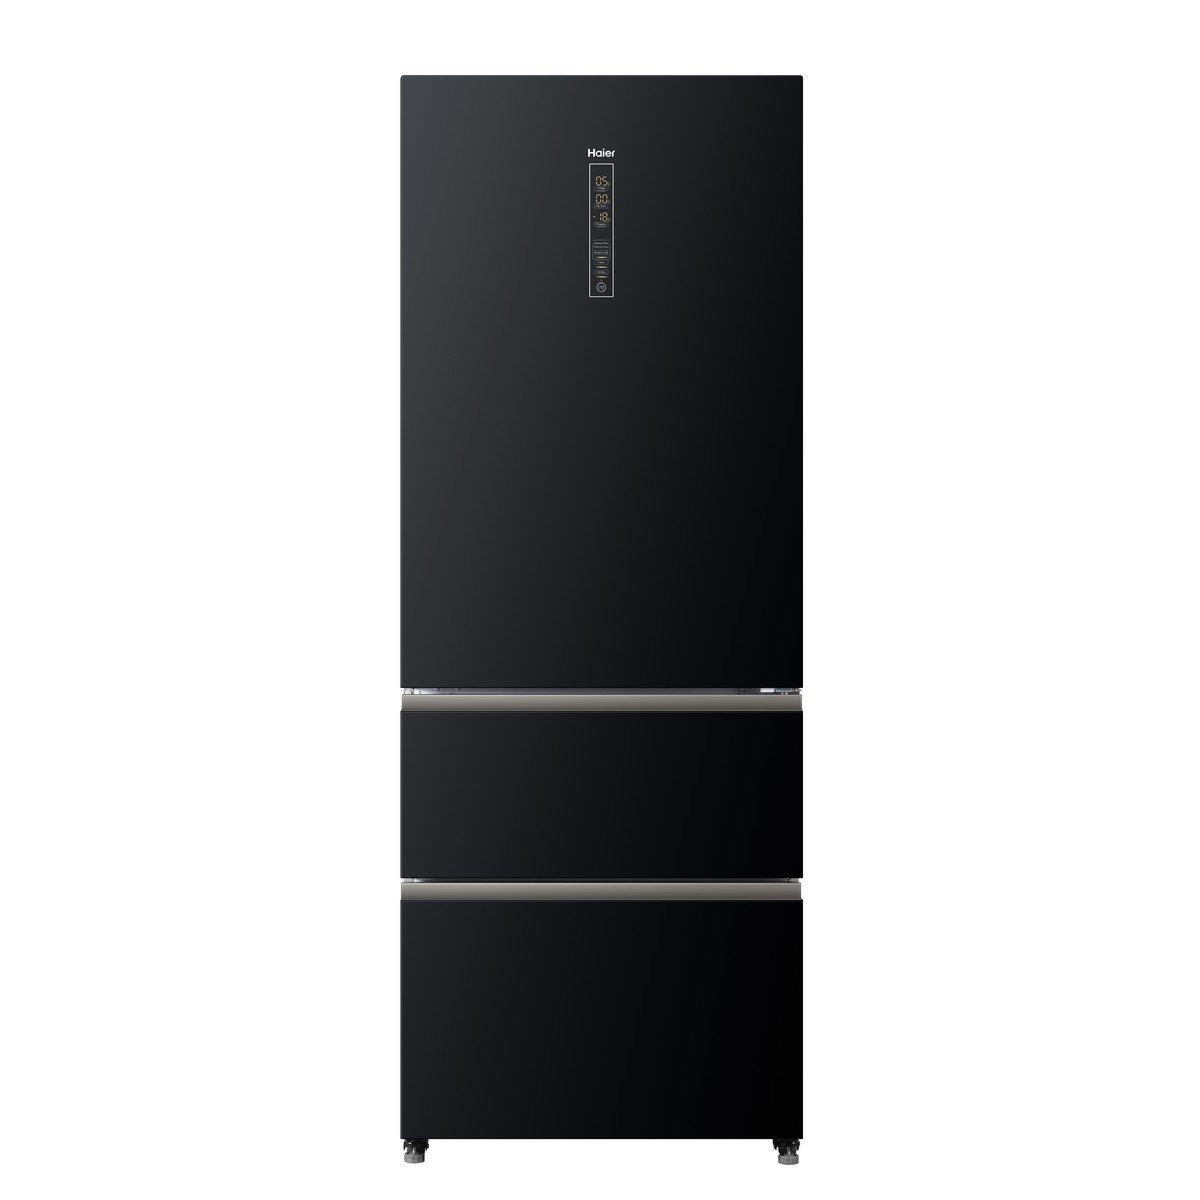 Réfrigérateur 70cms de large porte verre 2 tiroirs HAIER